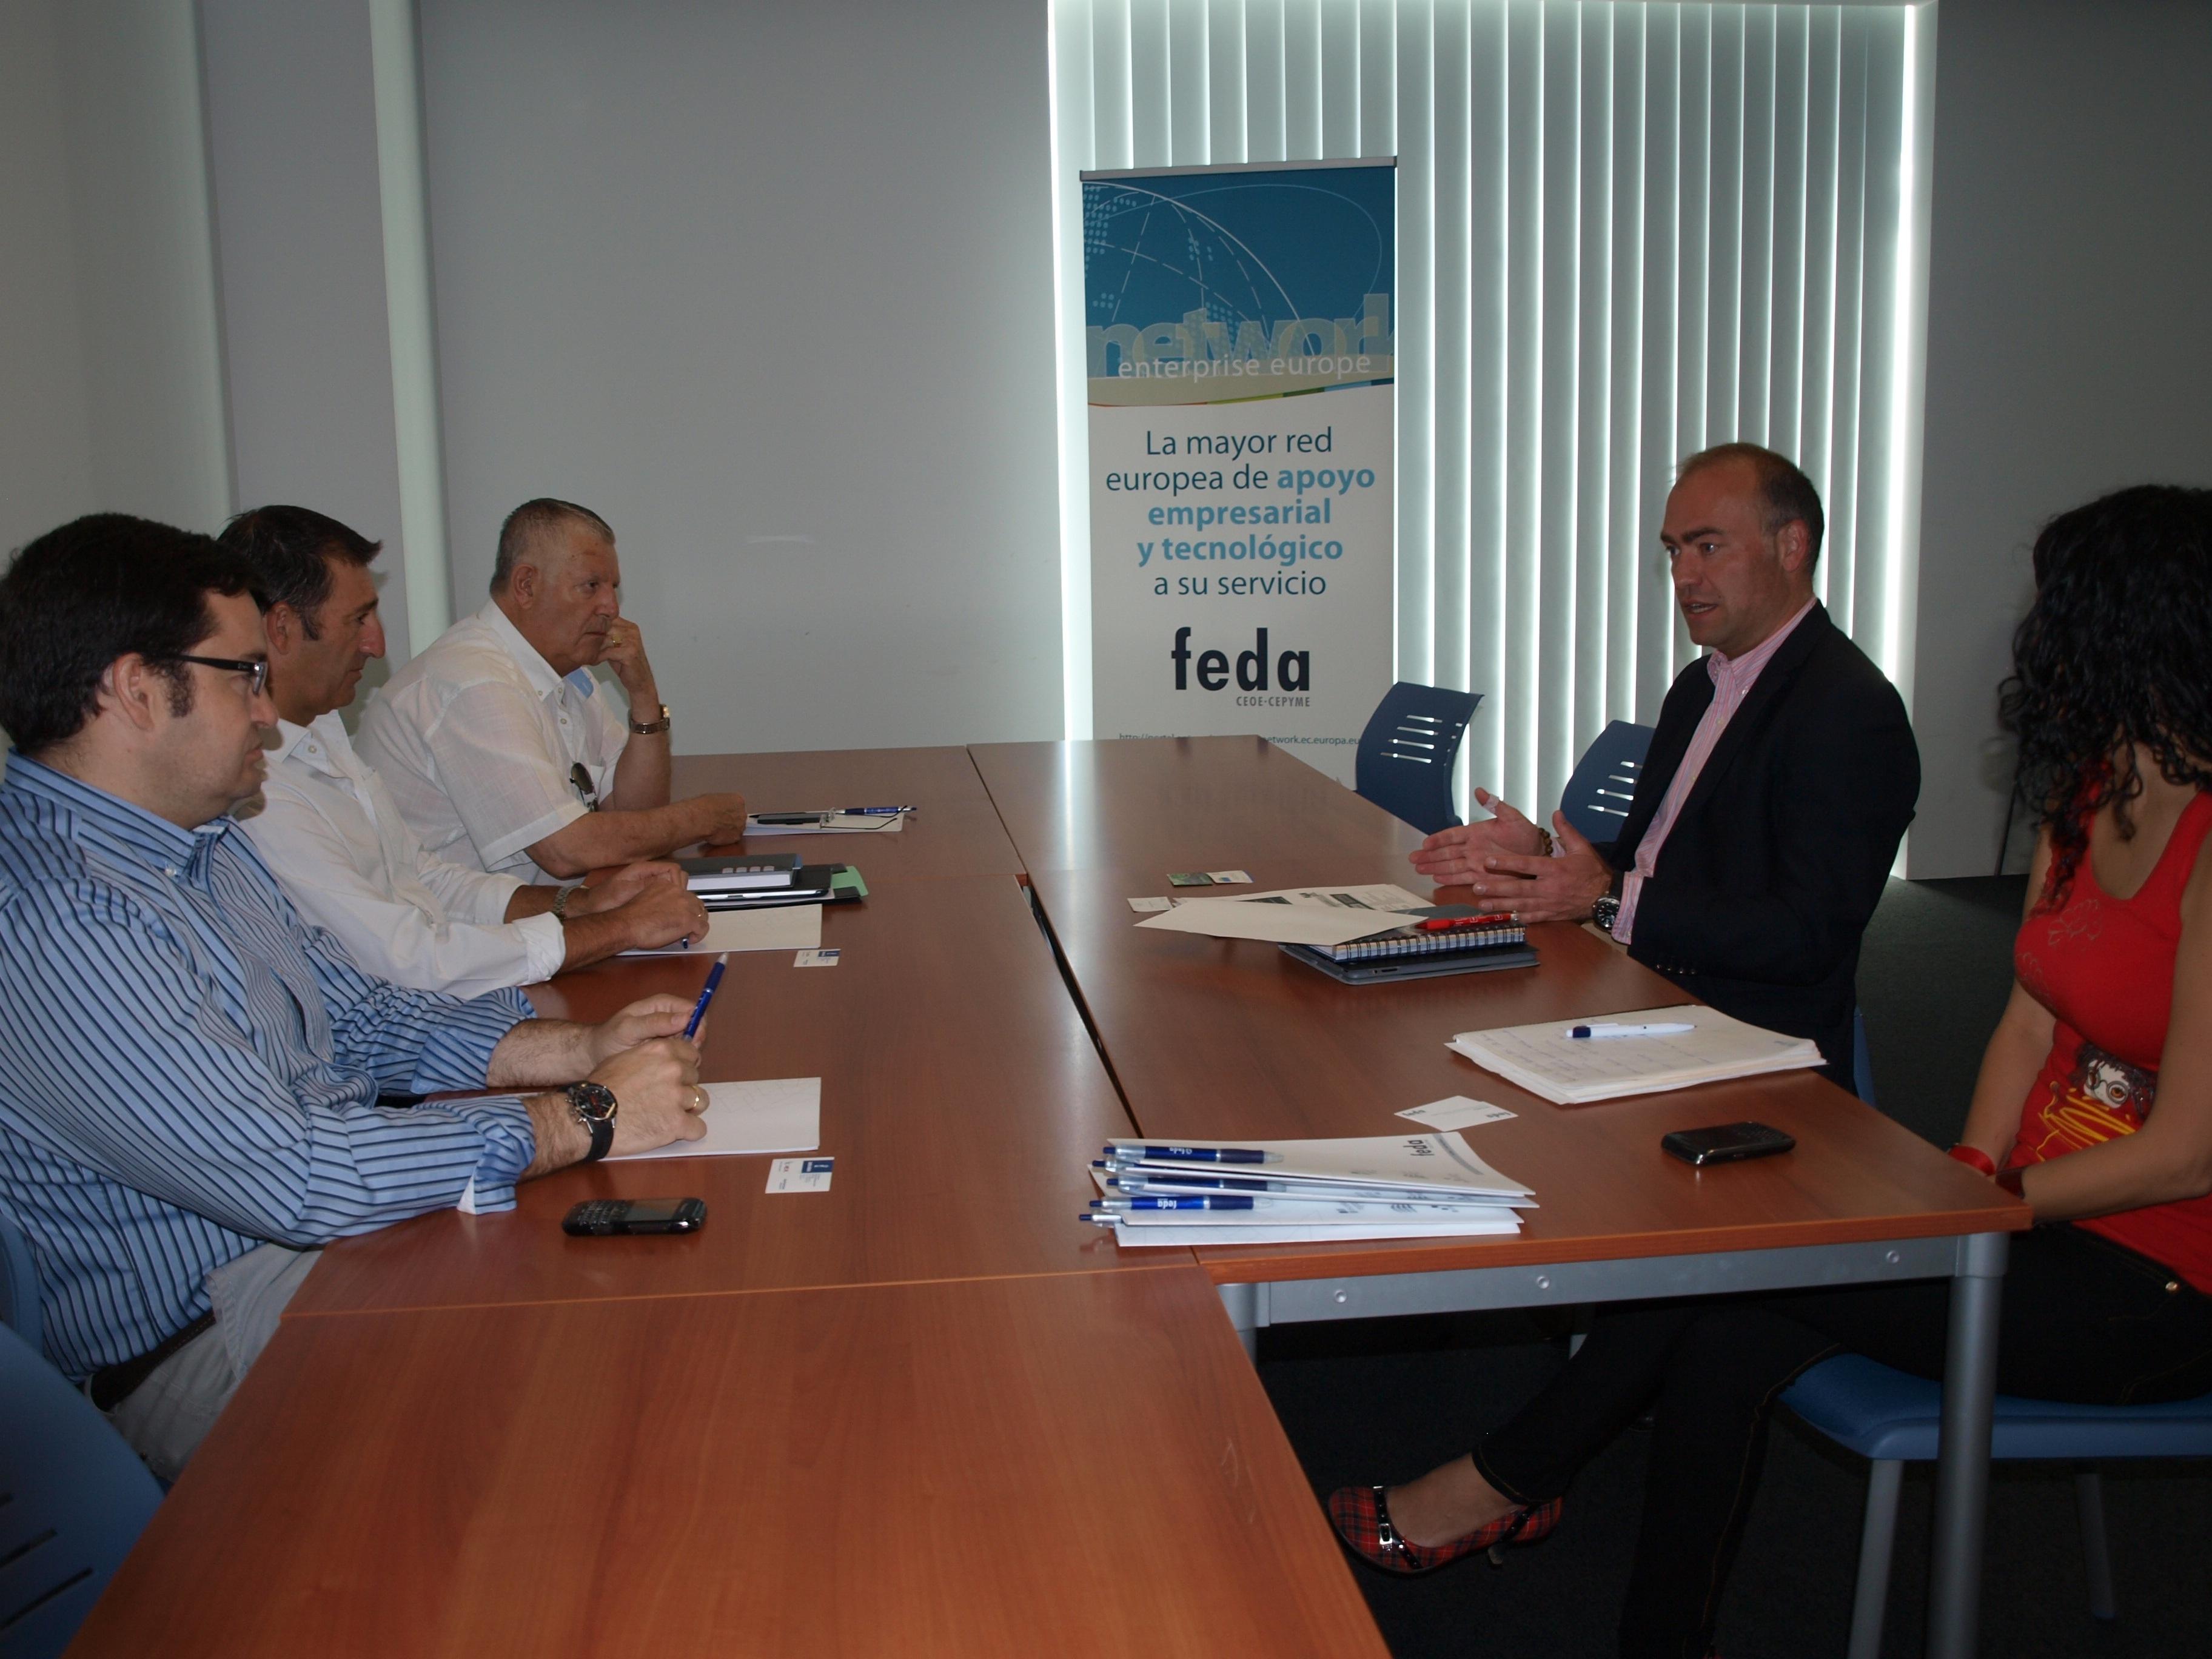 FEDA presenta el Programa Gestor de Exportación para emrpesarios de Albacete a través de la Enterprise Europe Network